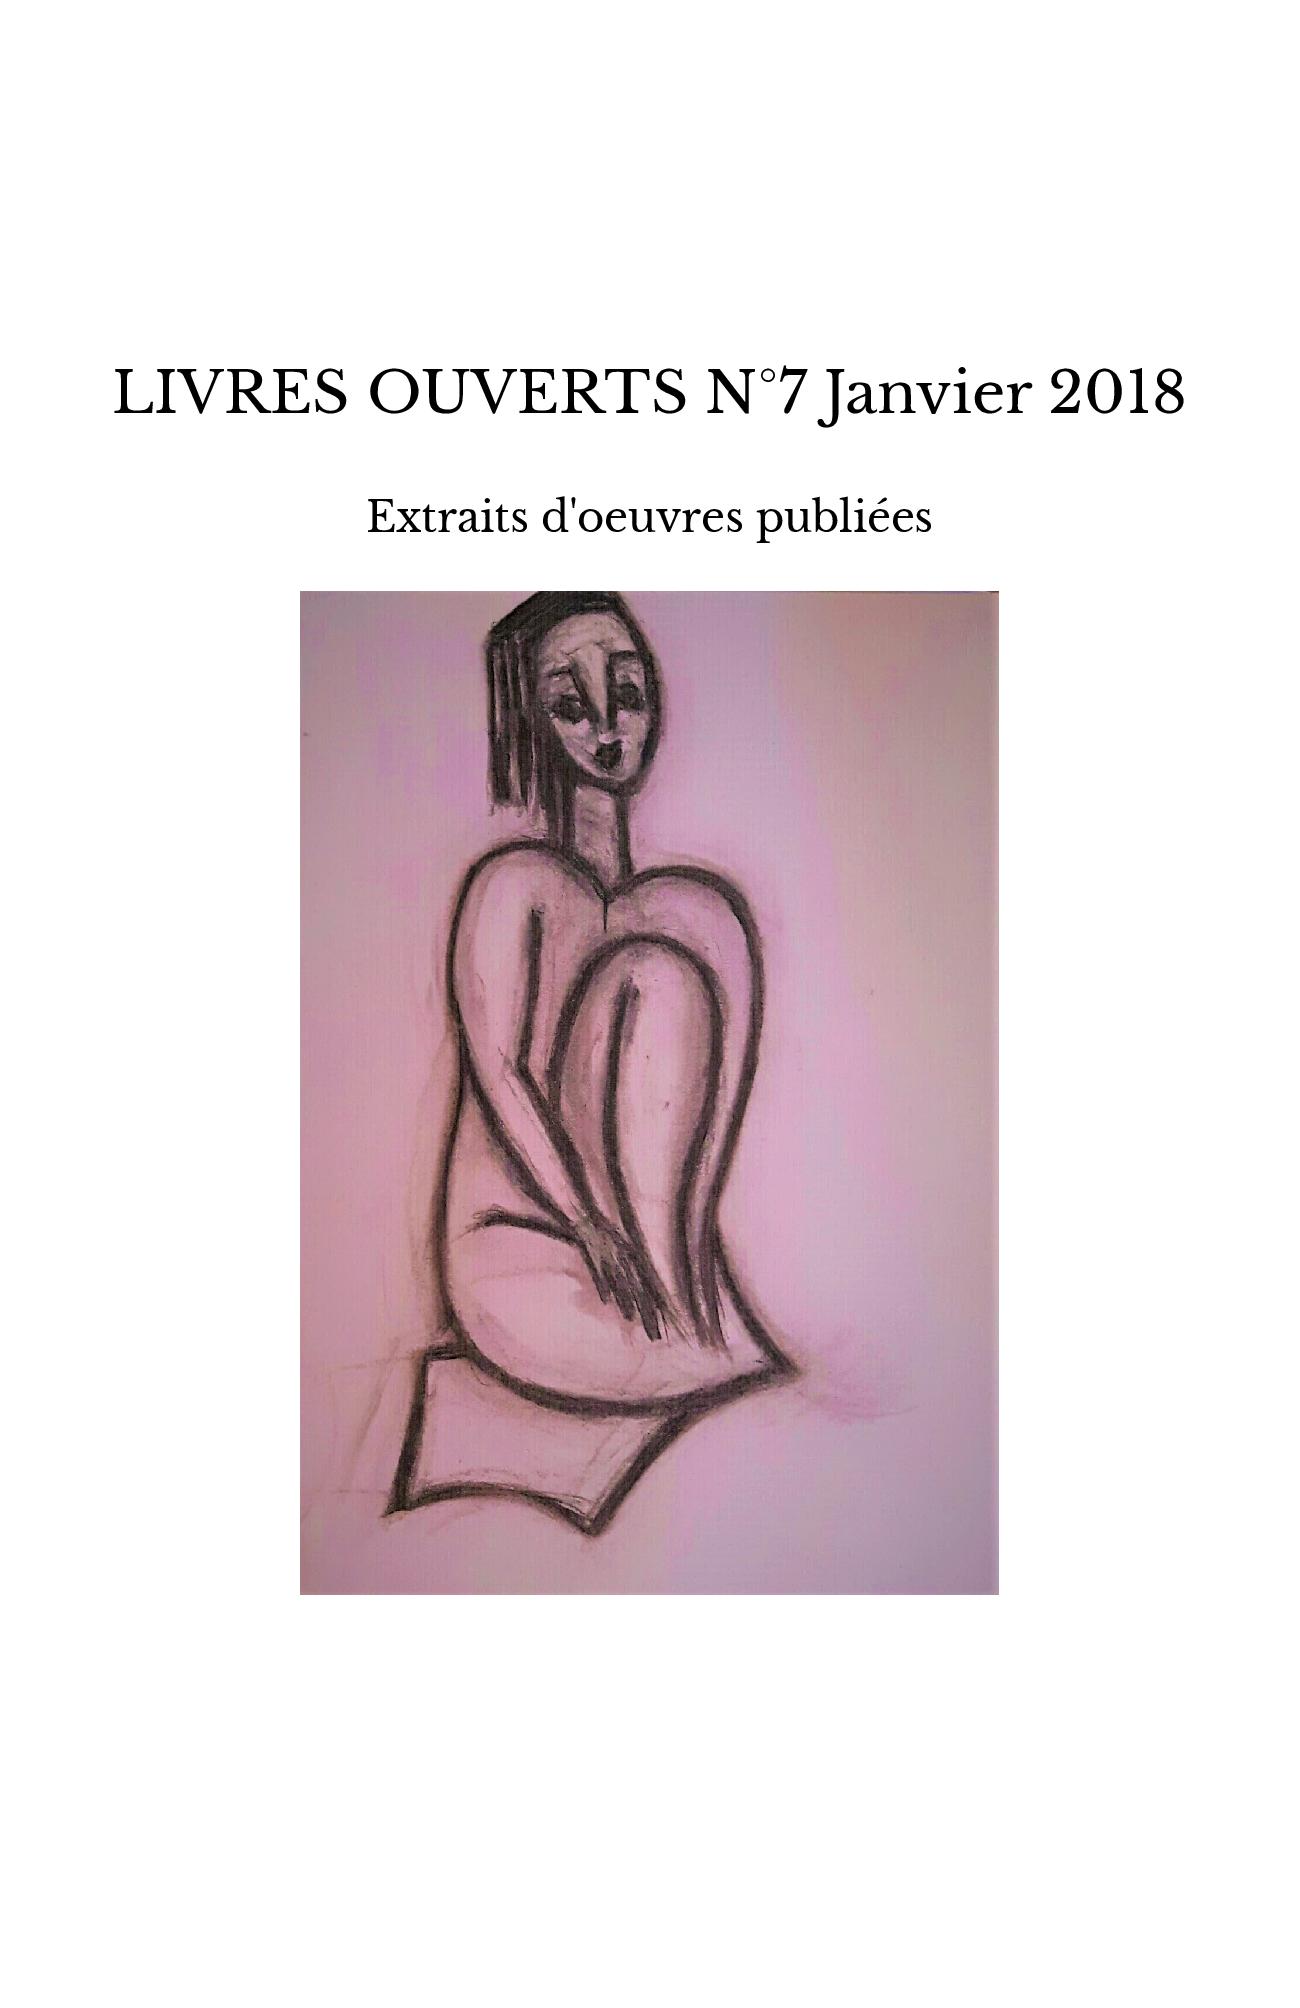 LIVRES OUVERTS N°7 Janvier 2018